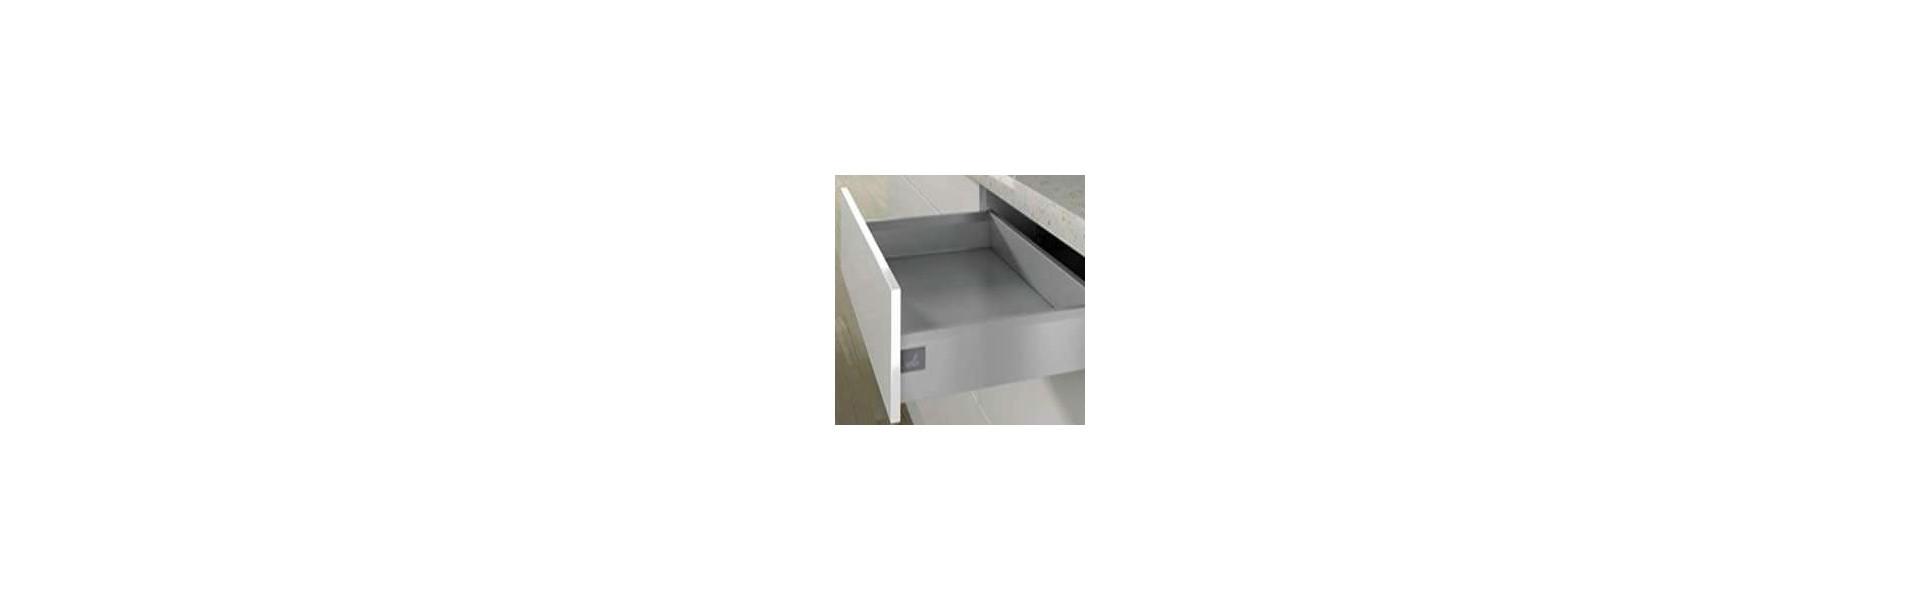 Sistemas de cajón para cocina Innotech de Hettich